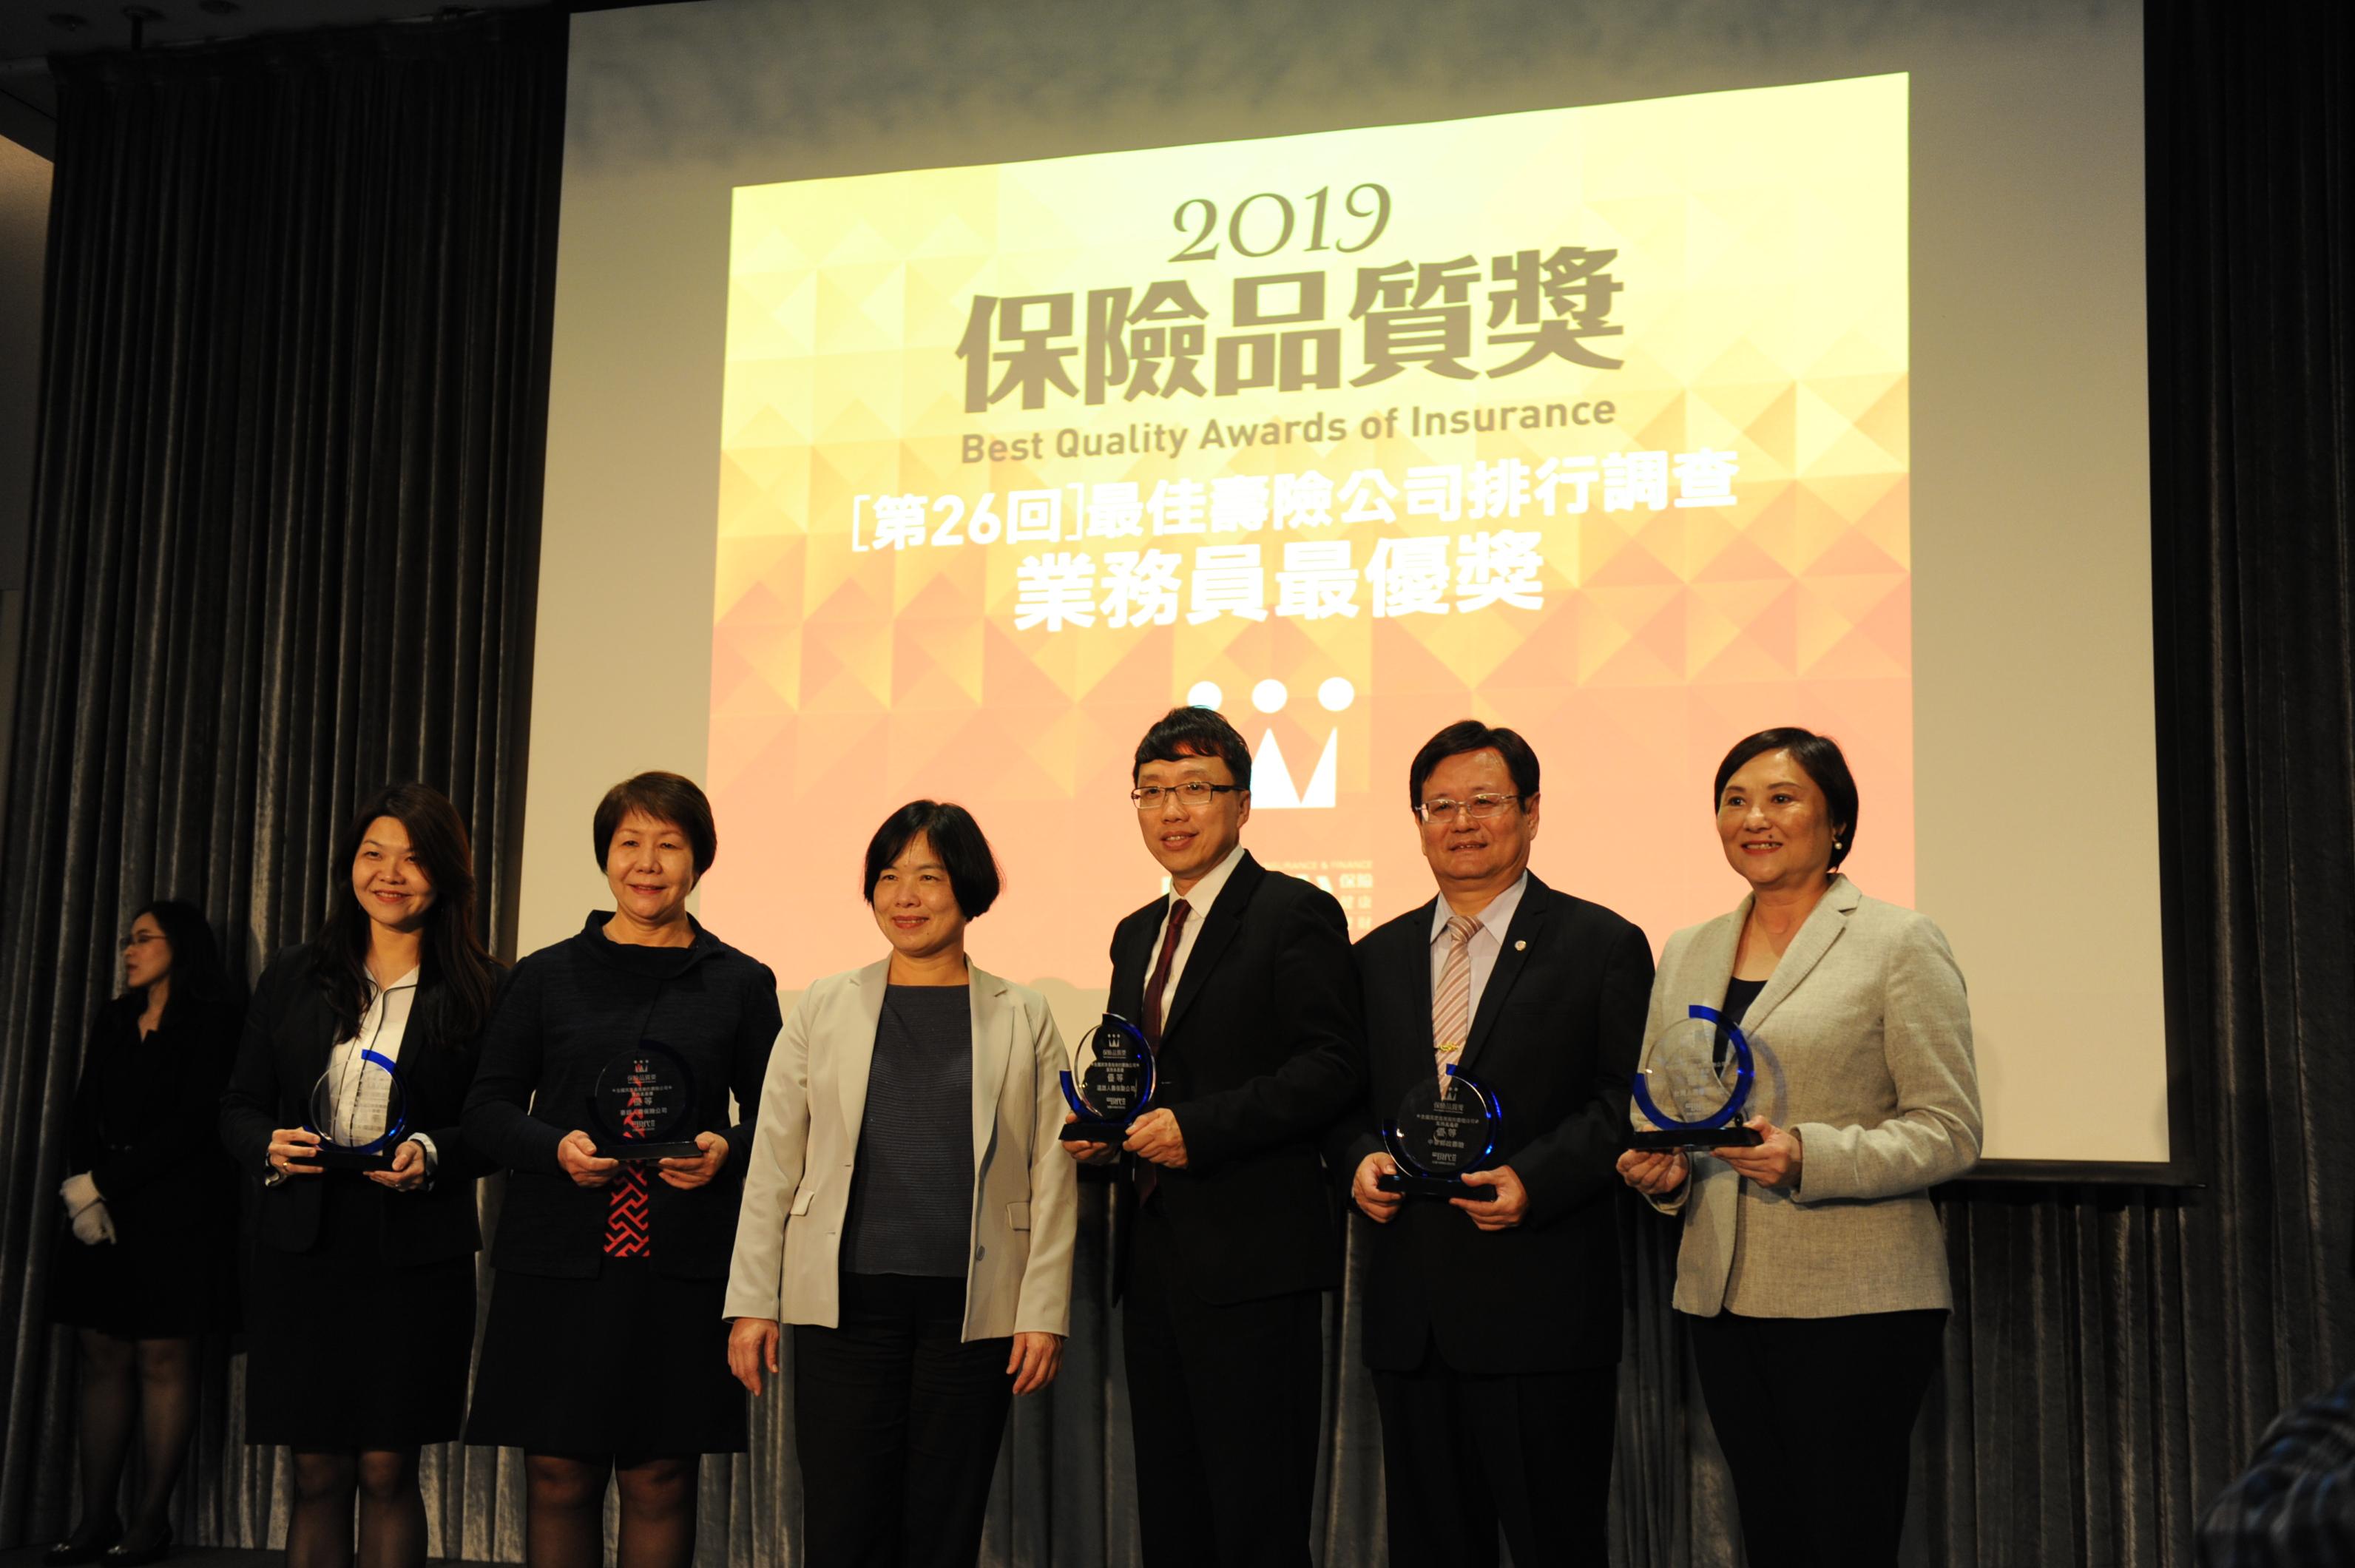 本公司榮獲現代保險健康理財雜誌主辦「2019保險品質獎」四項殊榮